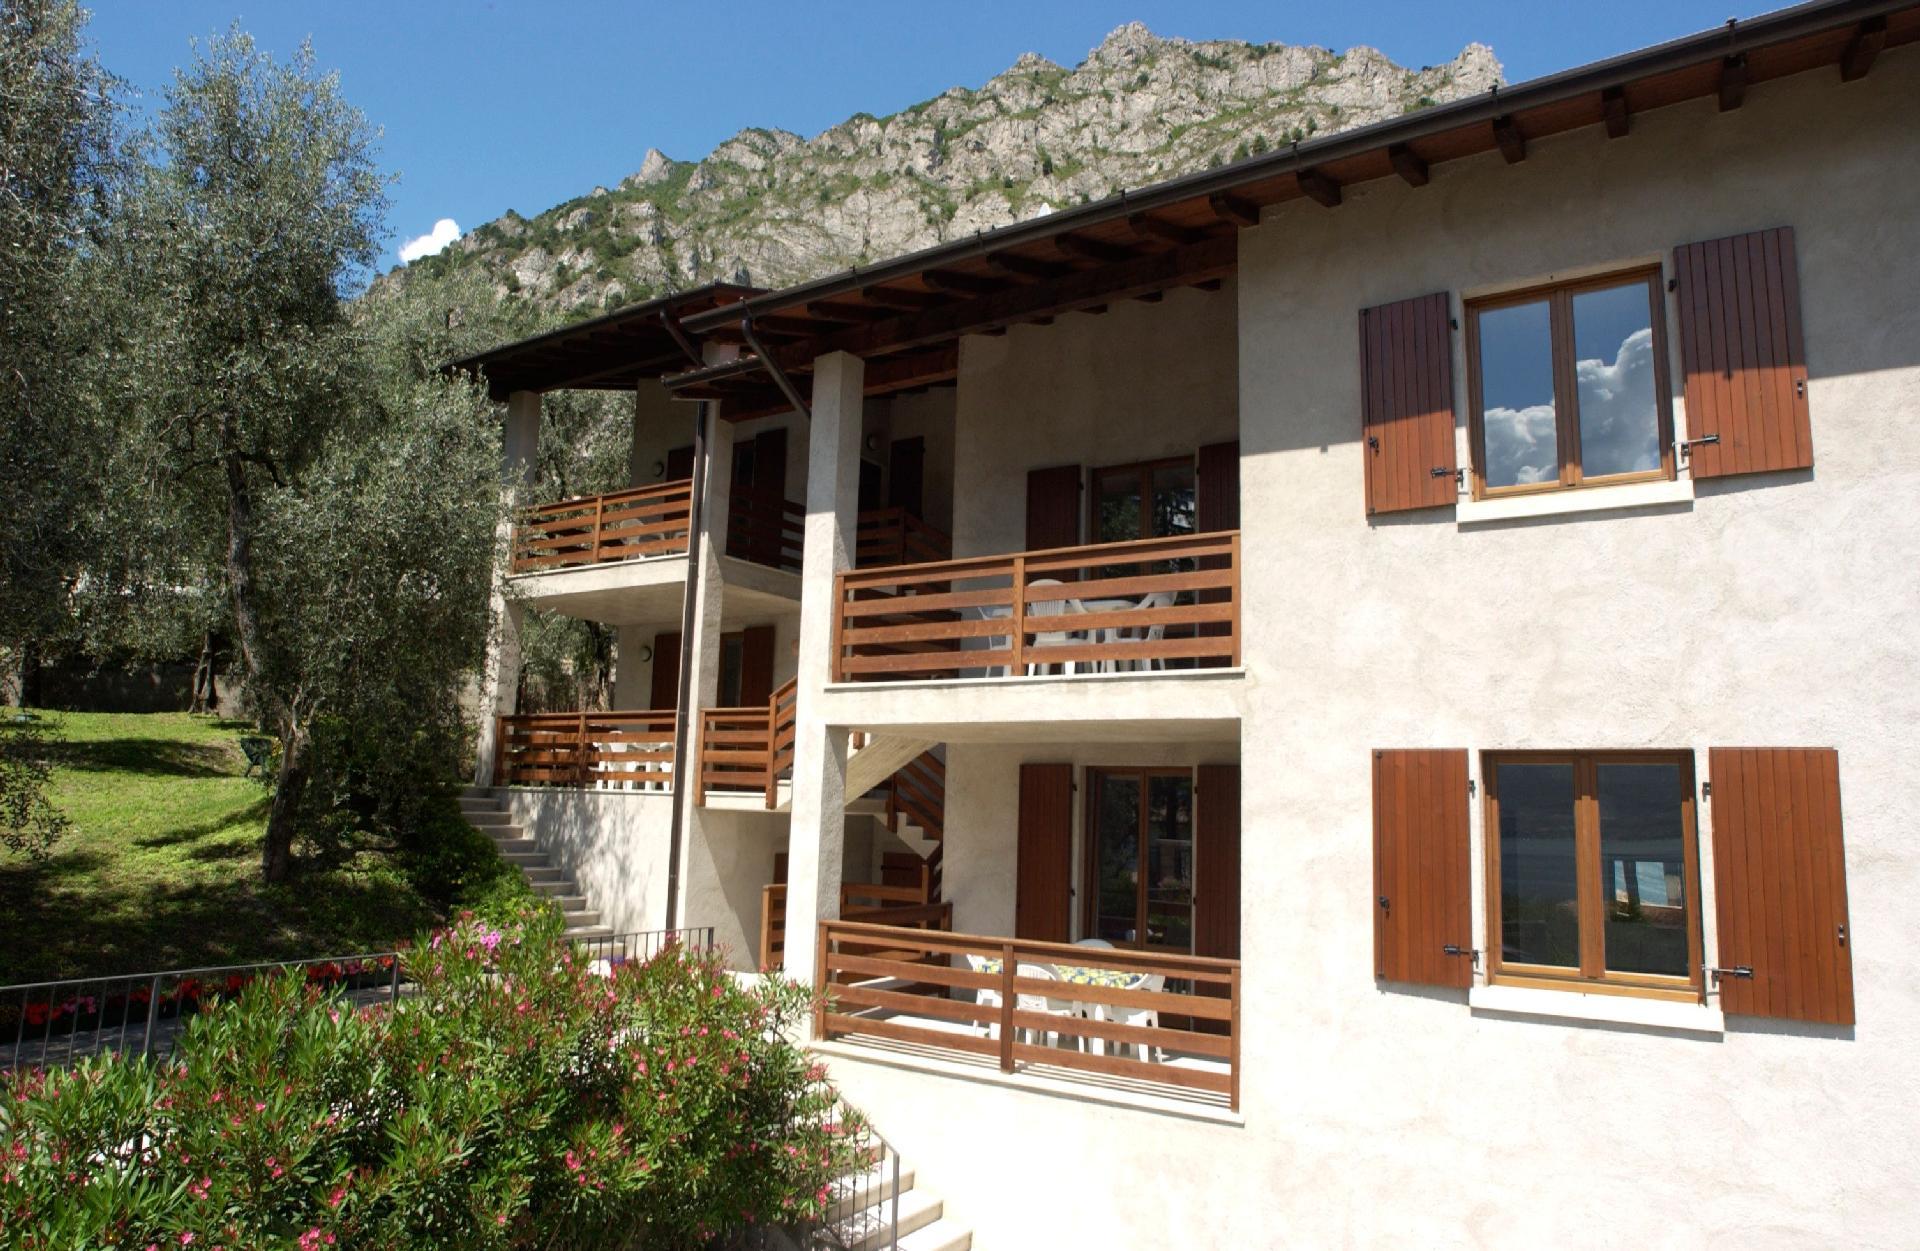 Ferienwohnung für 6 Personen ca. 80 m² i   Gardasee - Lago di Garda